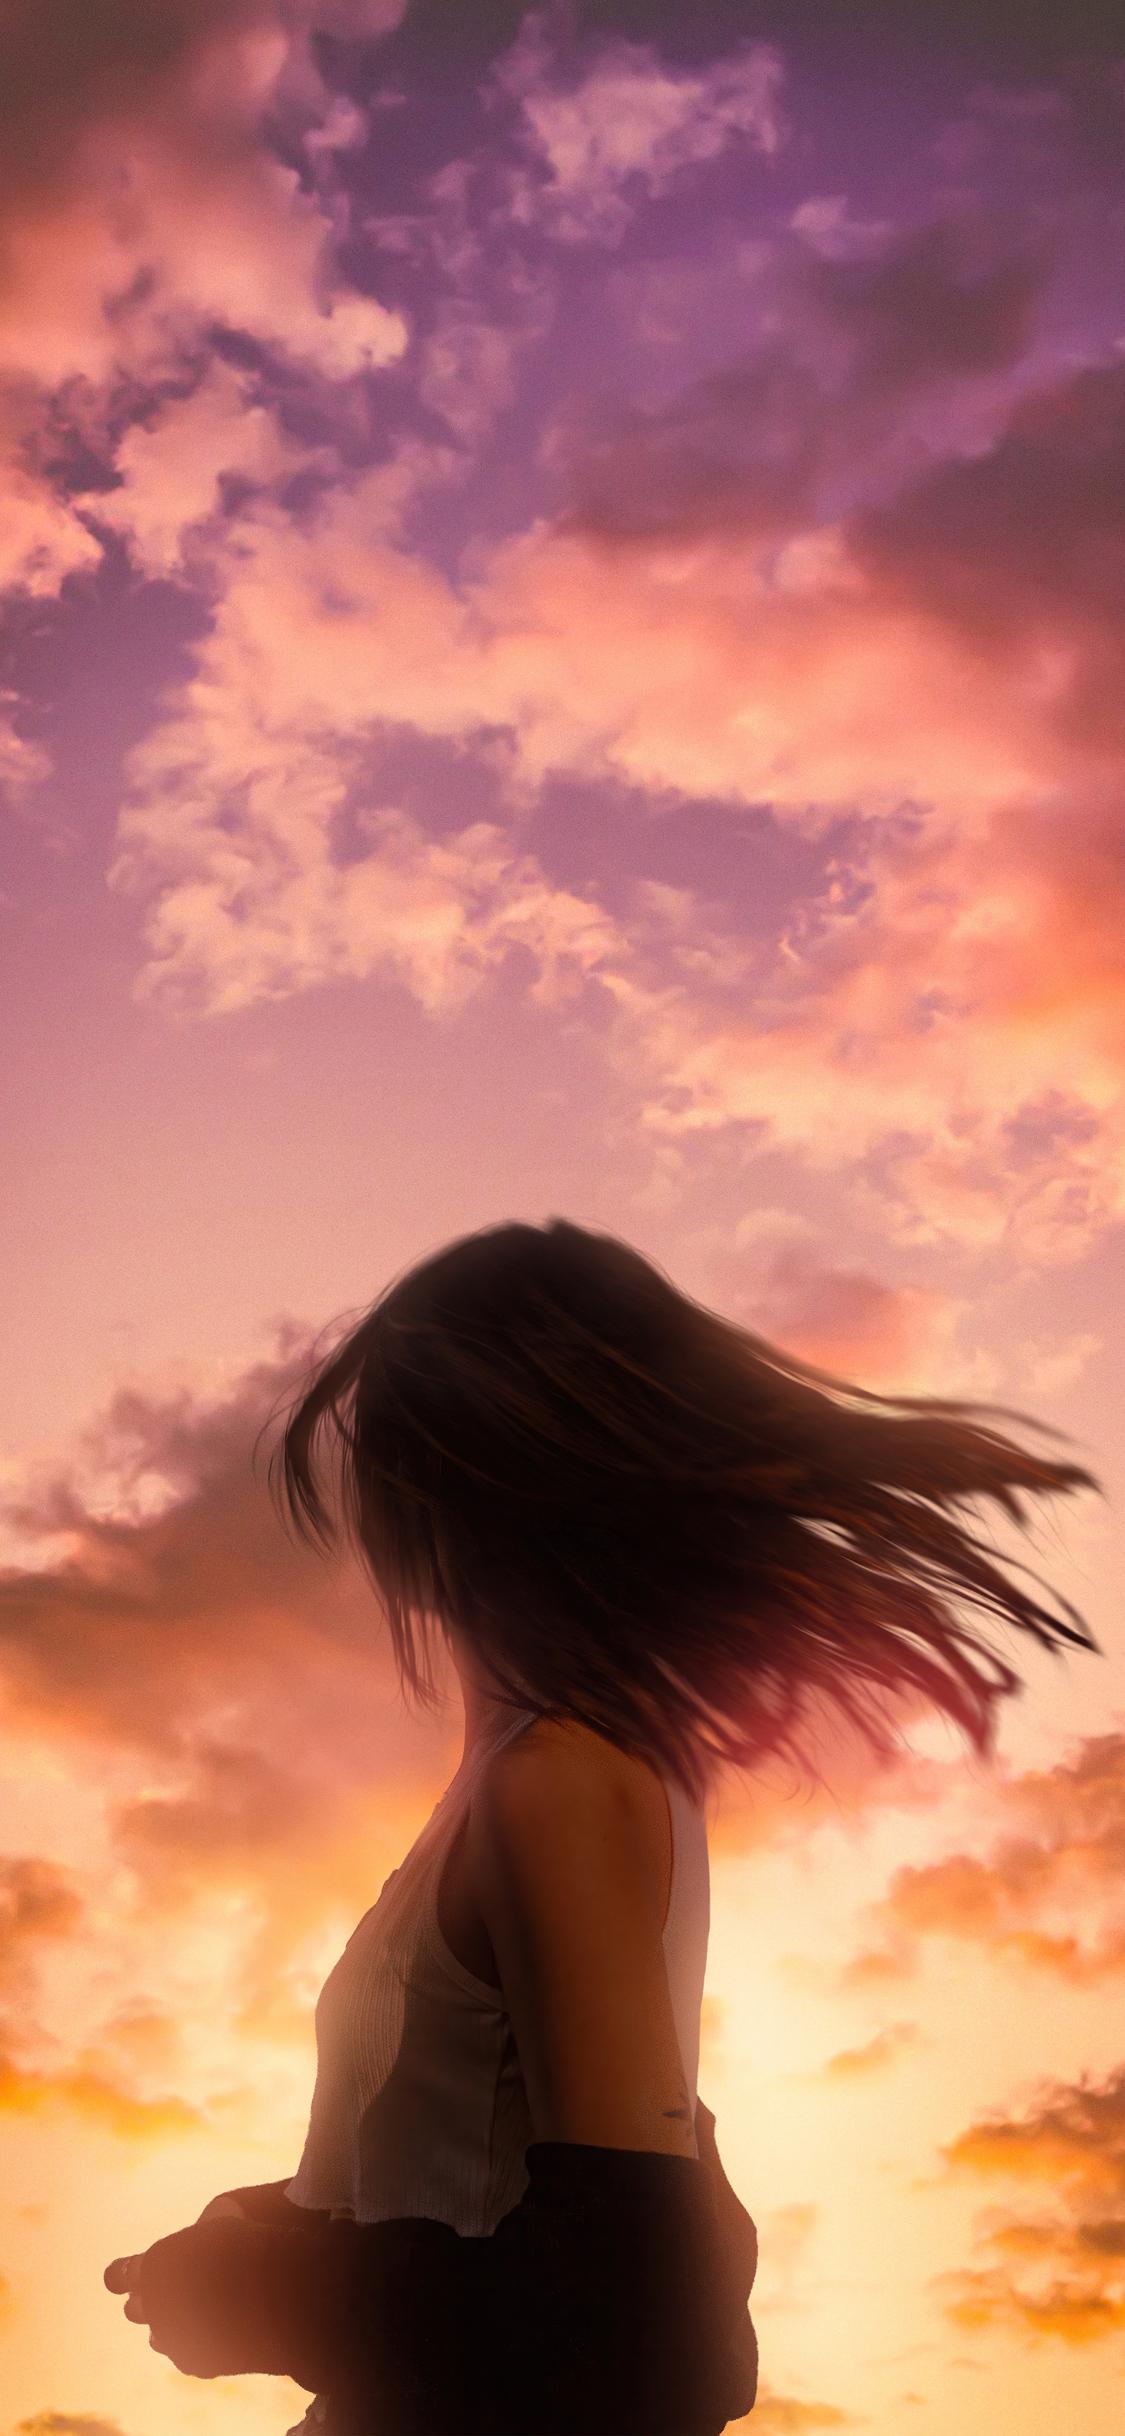 hairs-in-air-kh.jpg